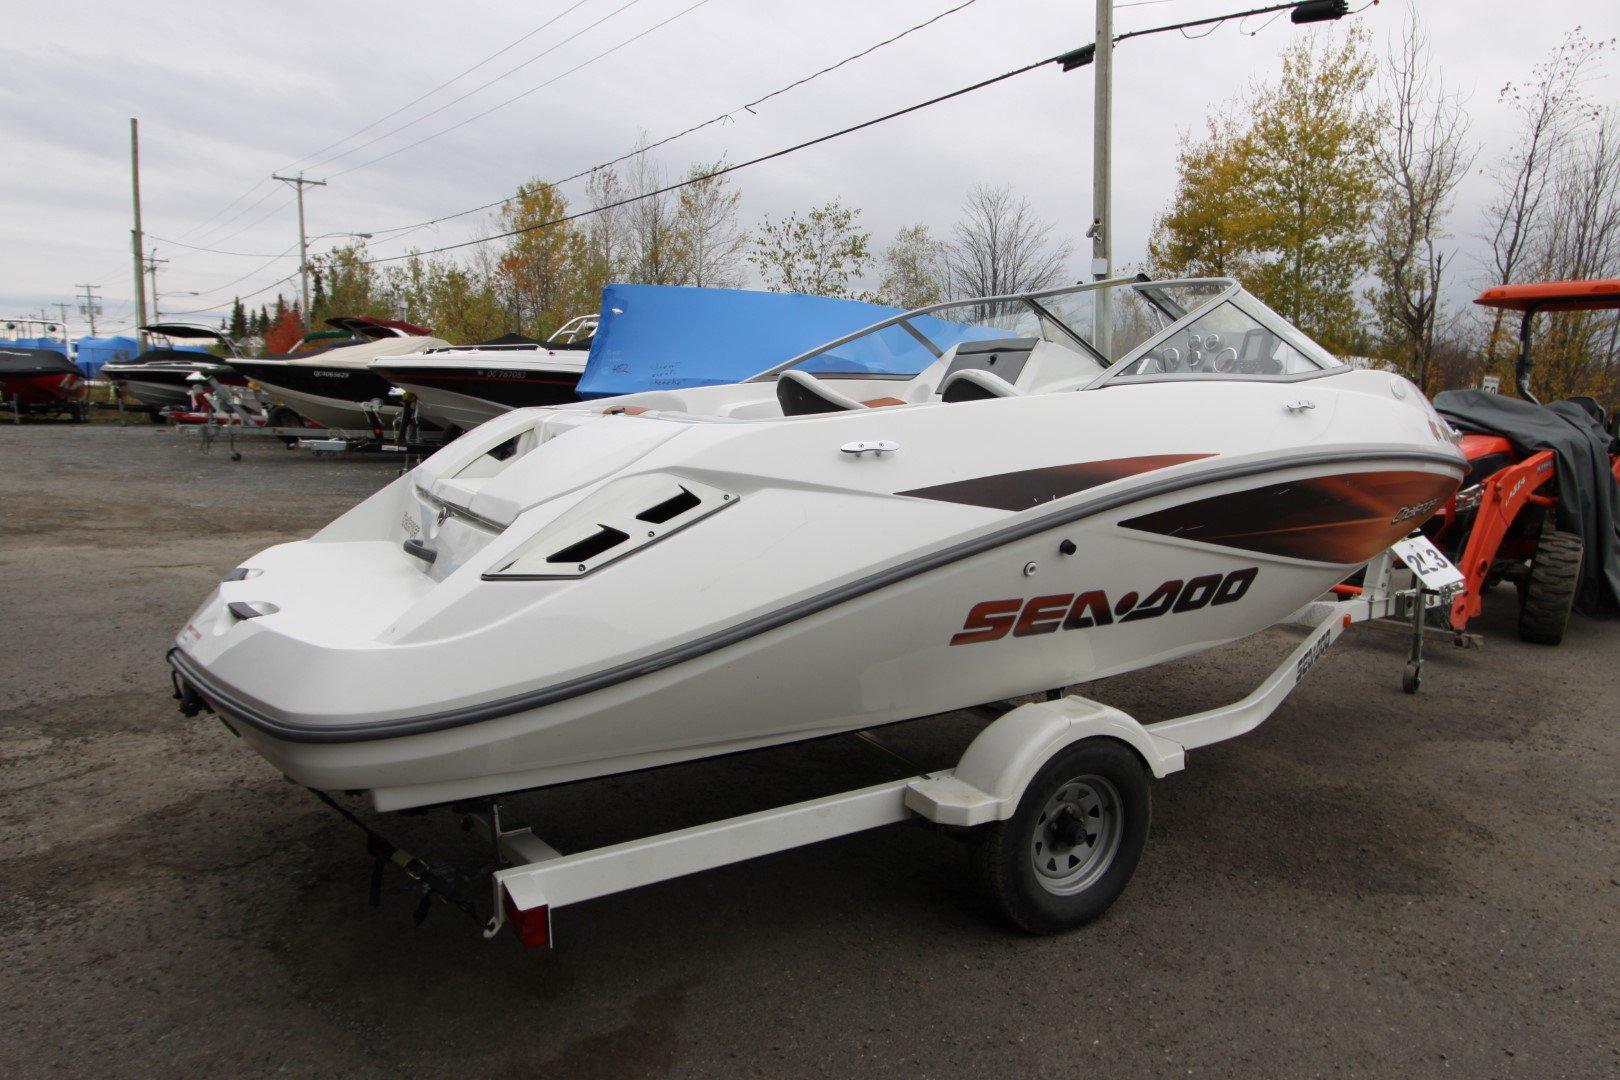 BRP Sea doo Challenger 180 - IMG_8265